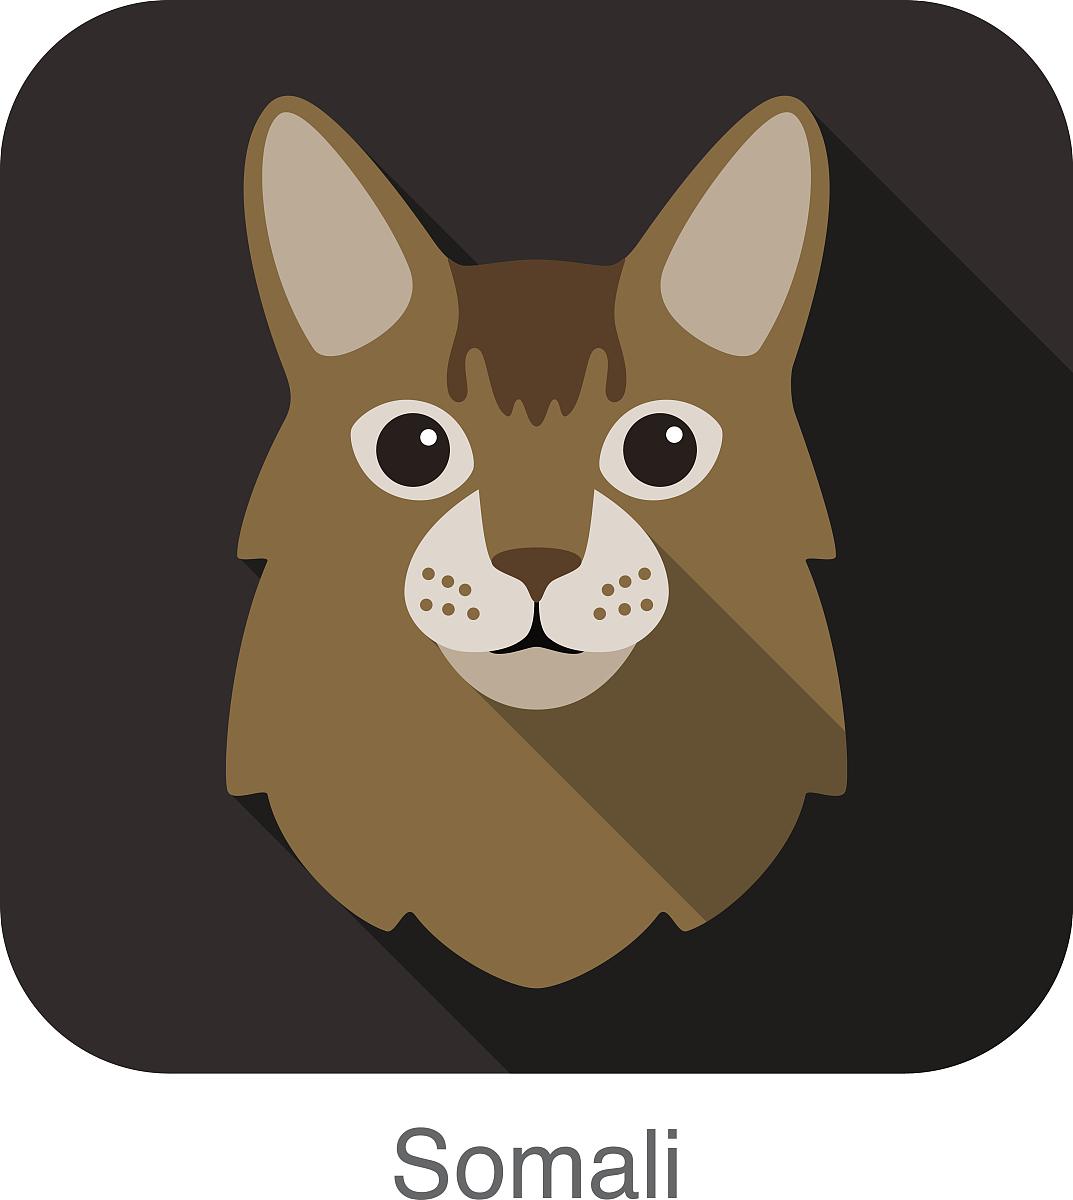 索马里猫,猫繁殖面临卡通平面图标设计图片